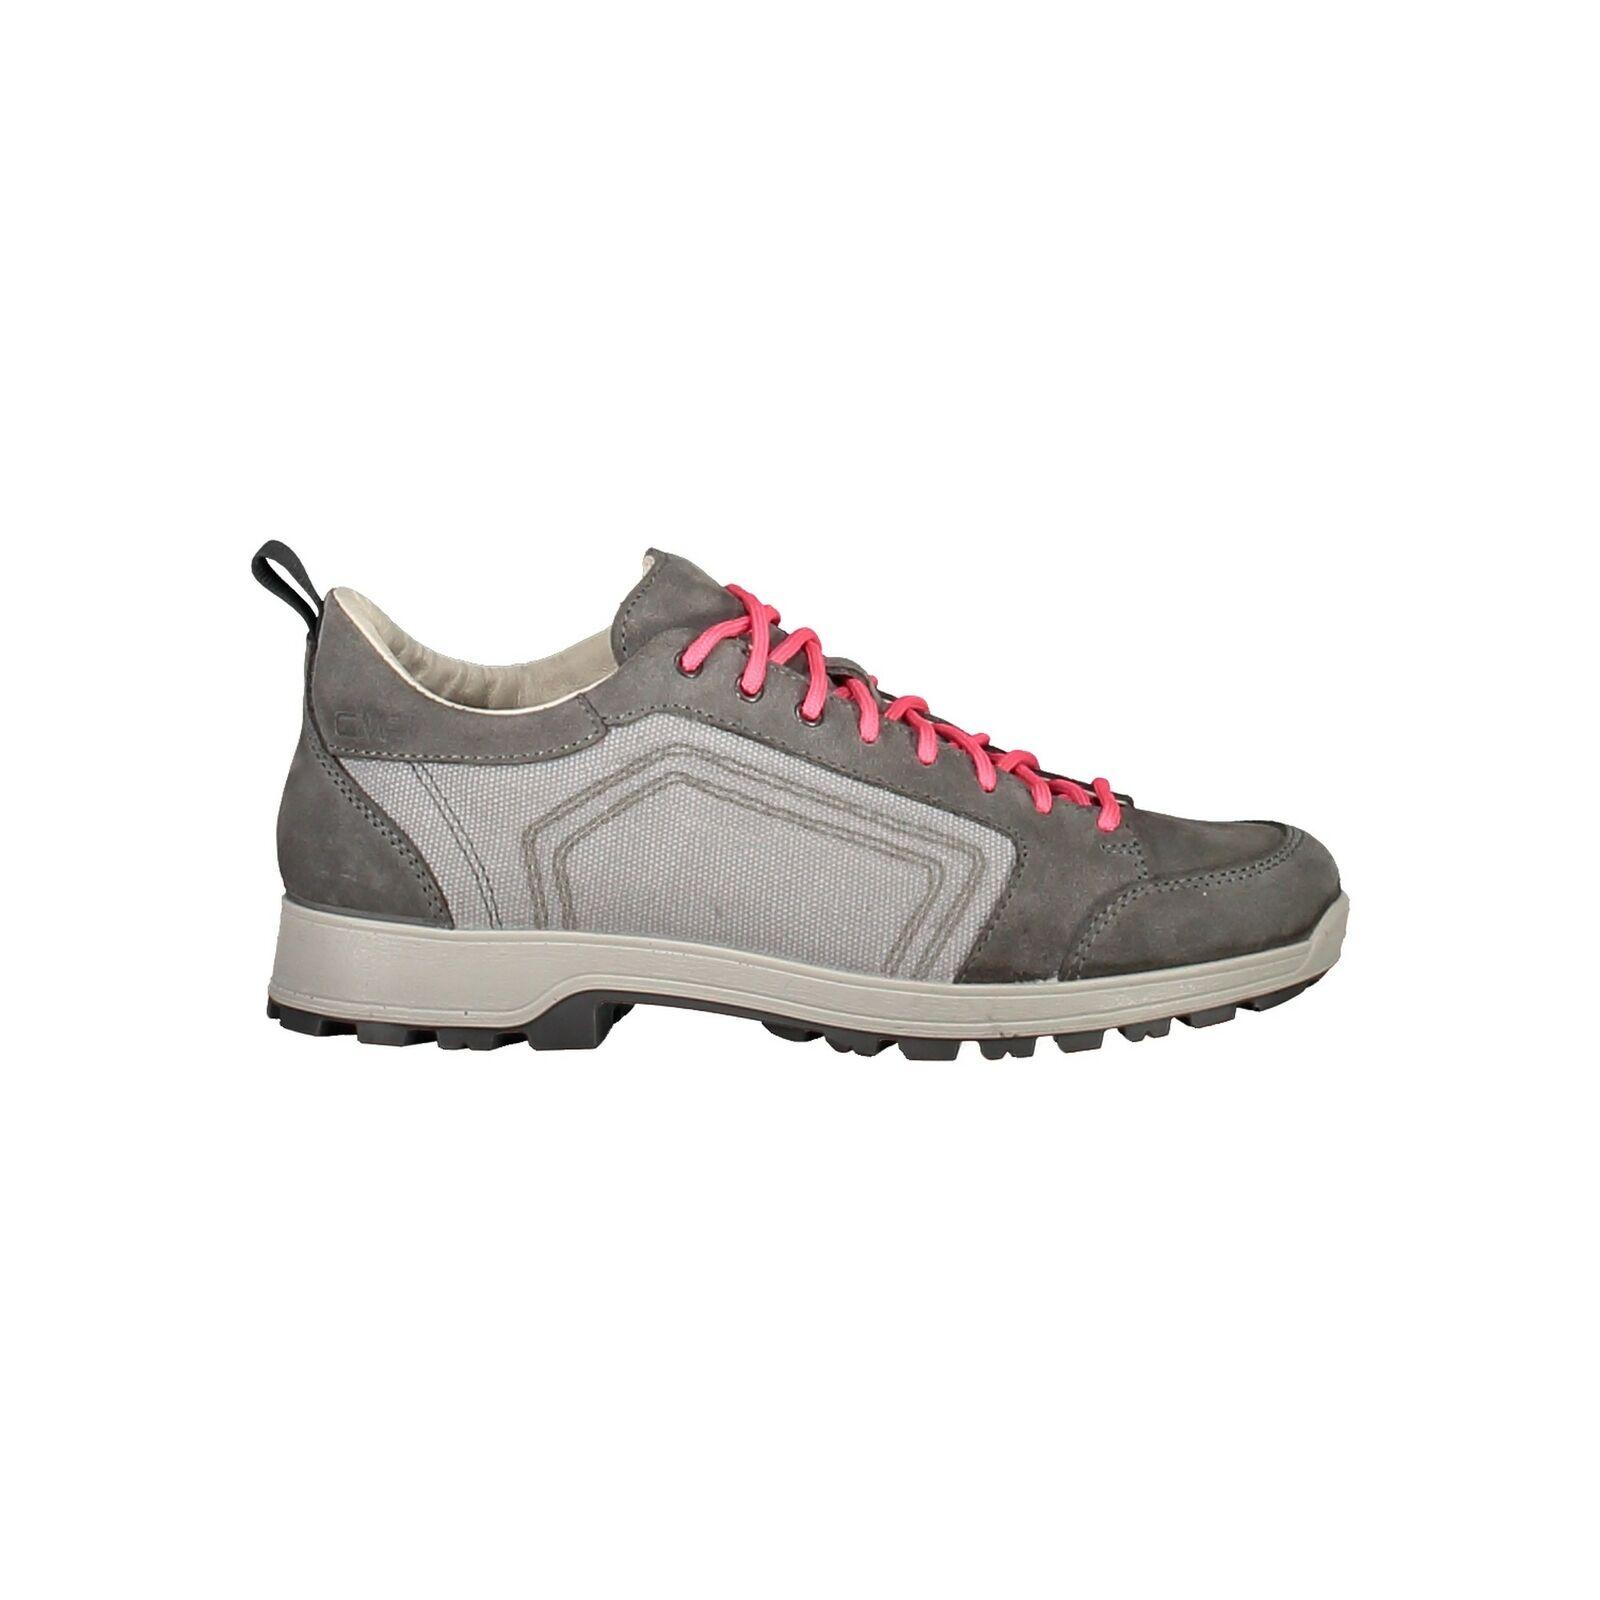 CMP Scarponcini outdoorschuh Atik canvas WMN HIKING scarpe GRIGIO leggermente leggermente leggermente tinta d066a2